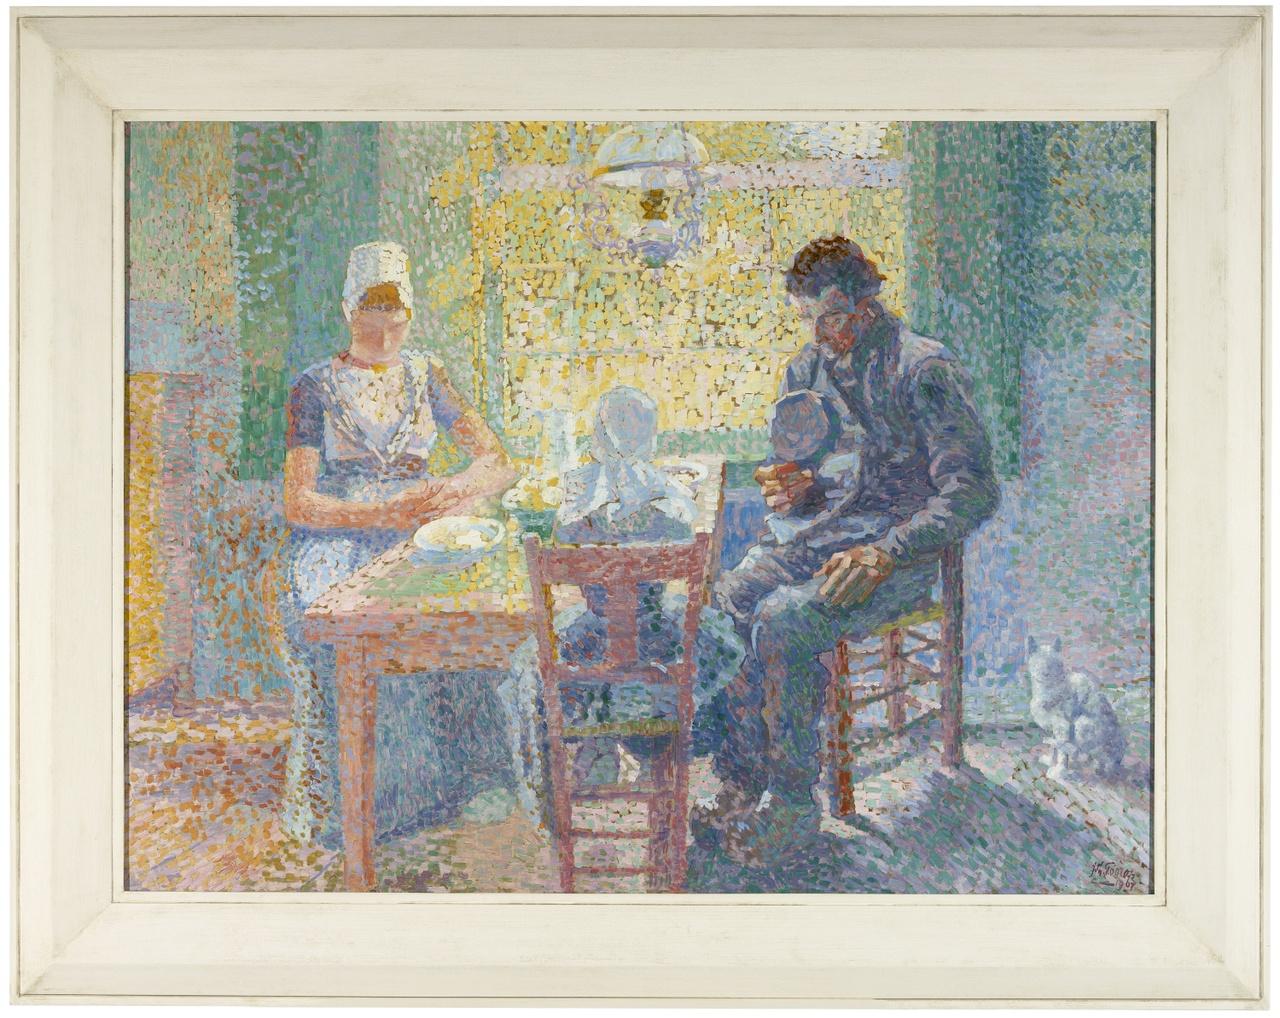 Gebed voor de maaltijd, Jan Toorop